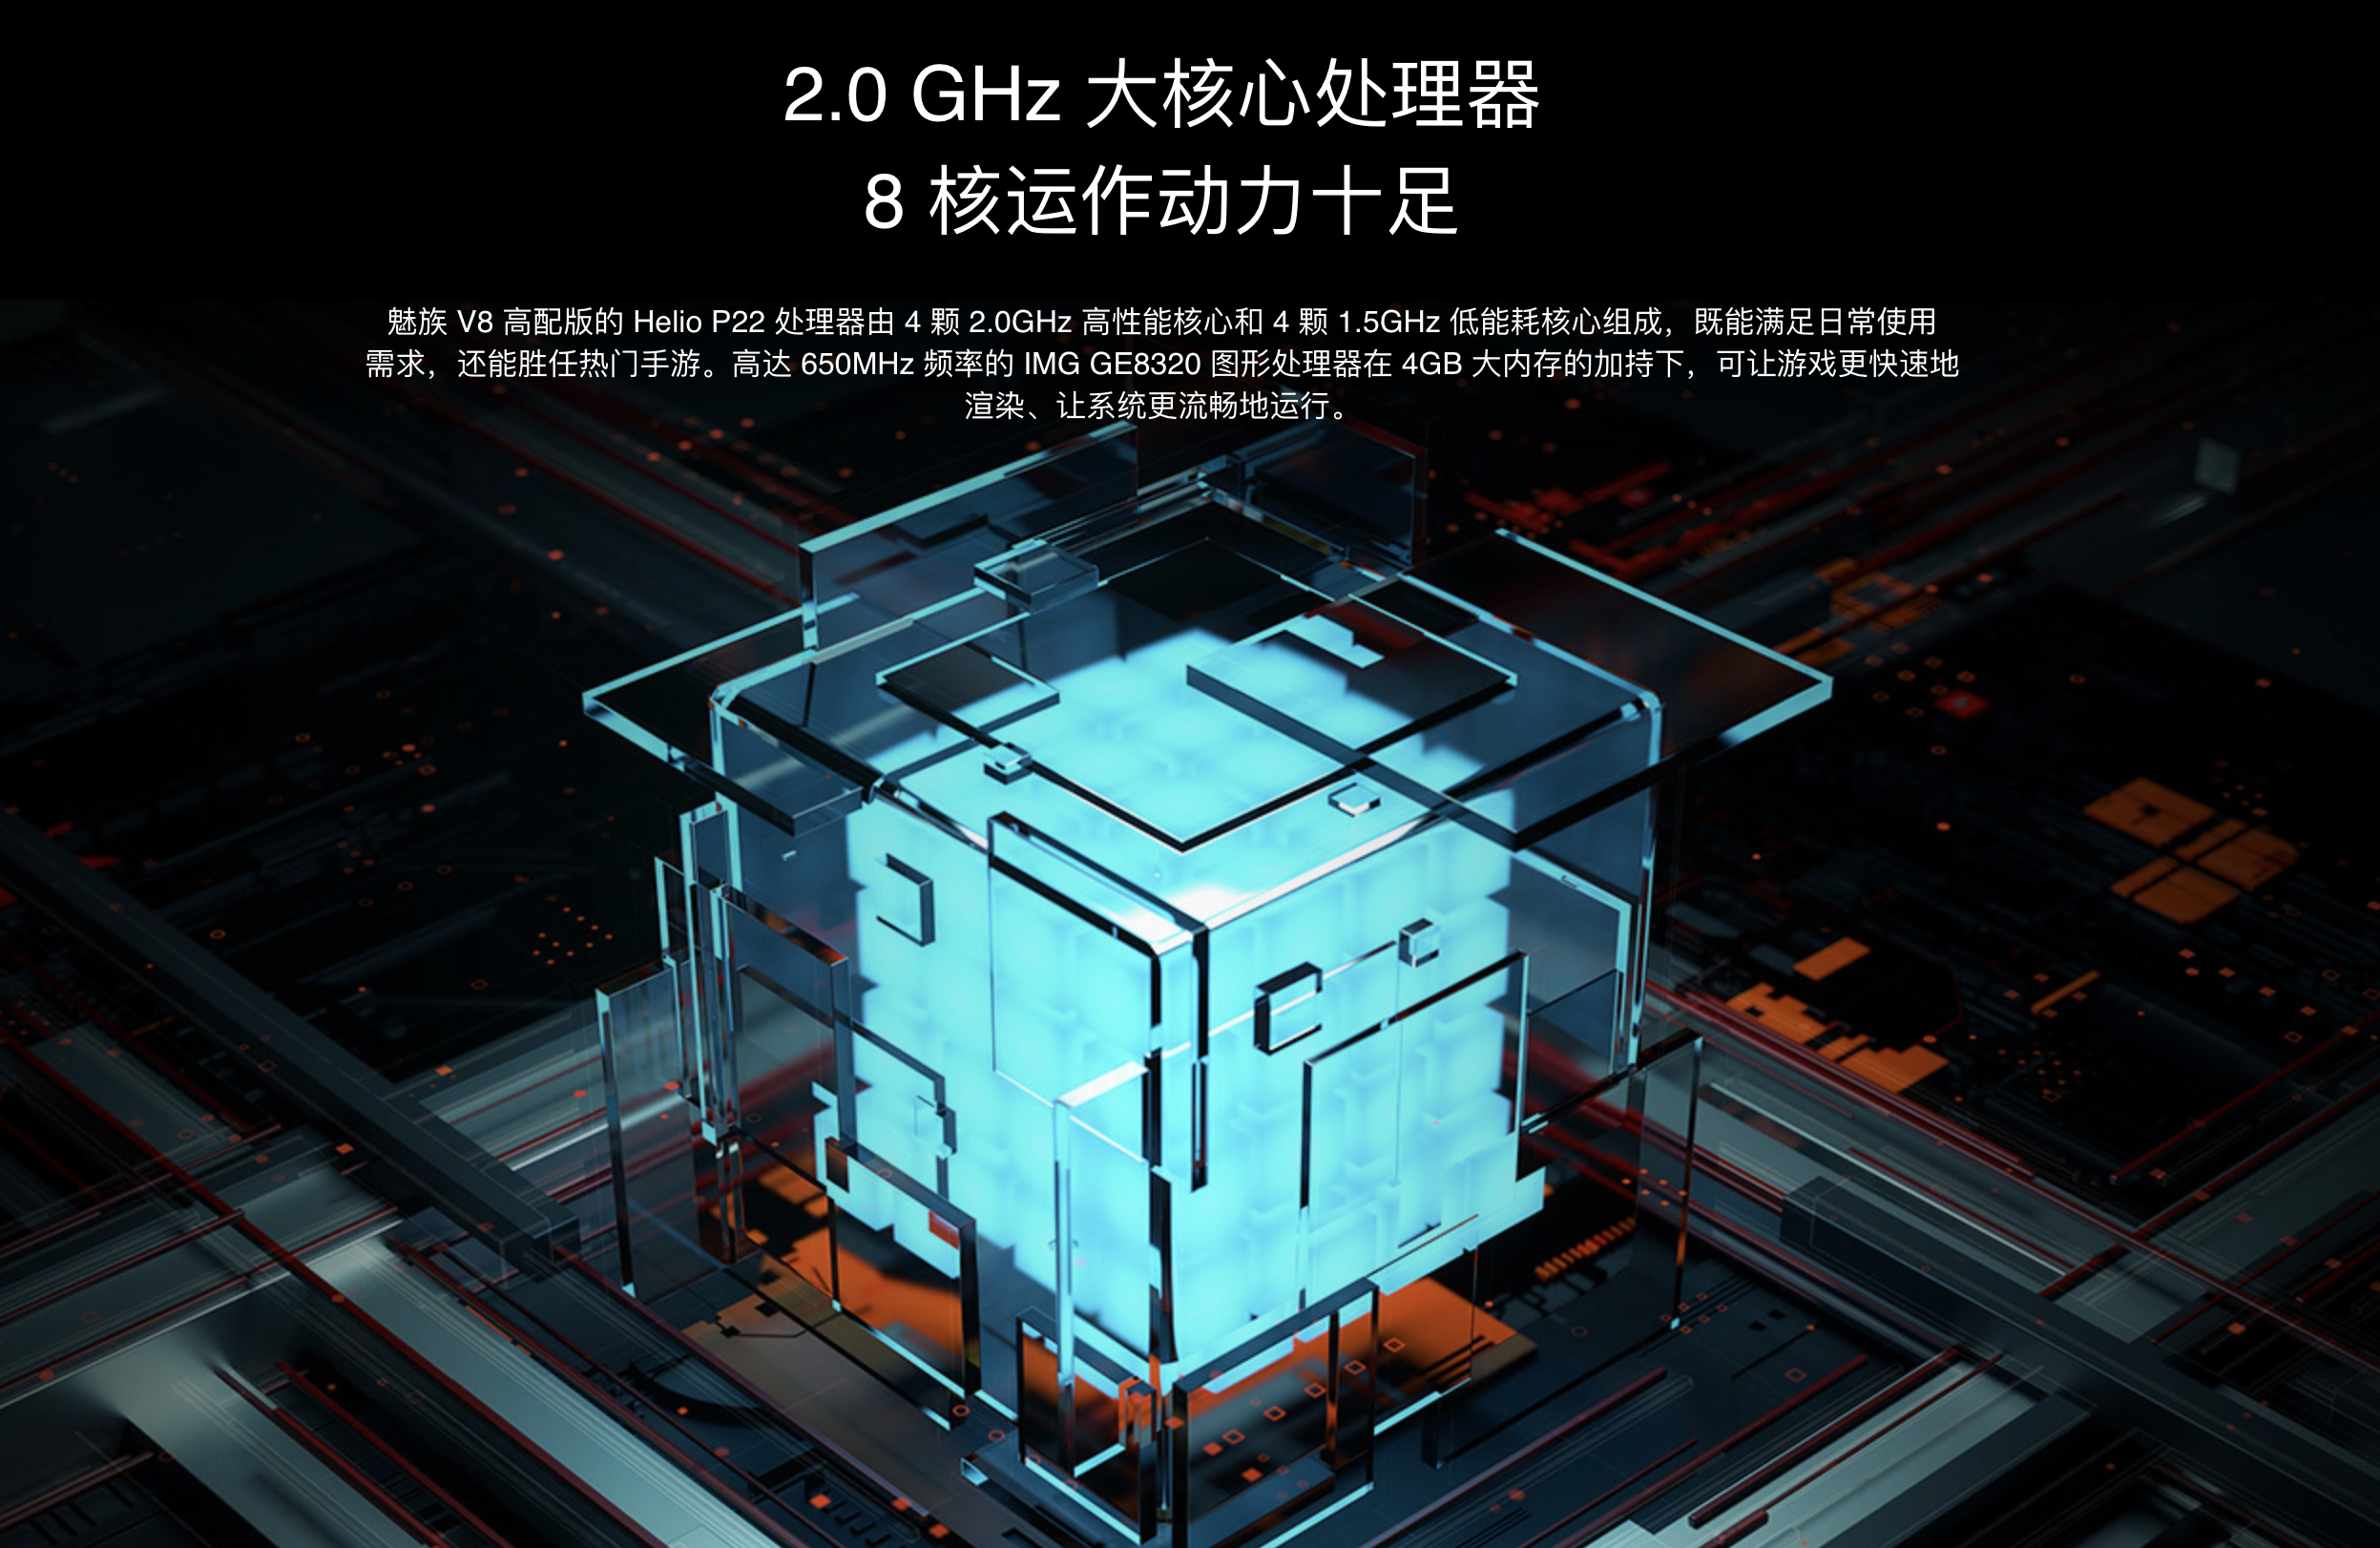 MEIZU V8 ProのSoC